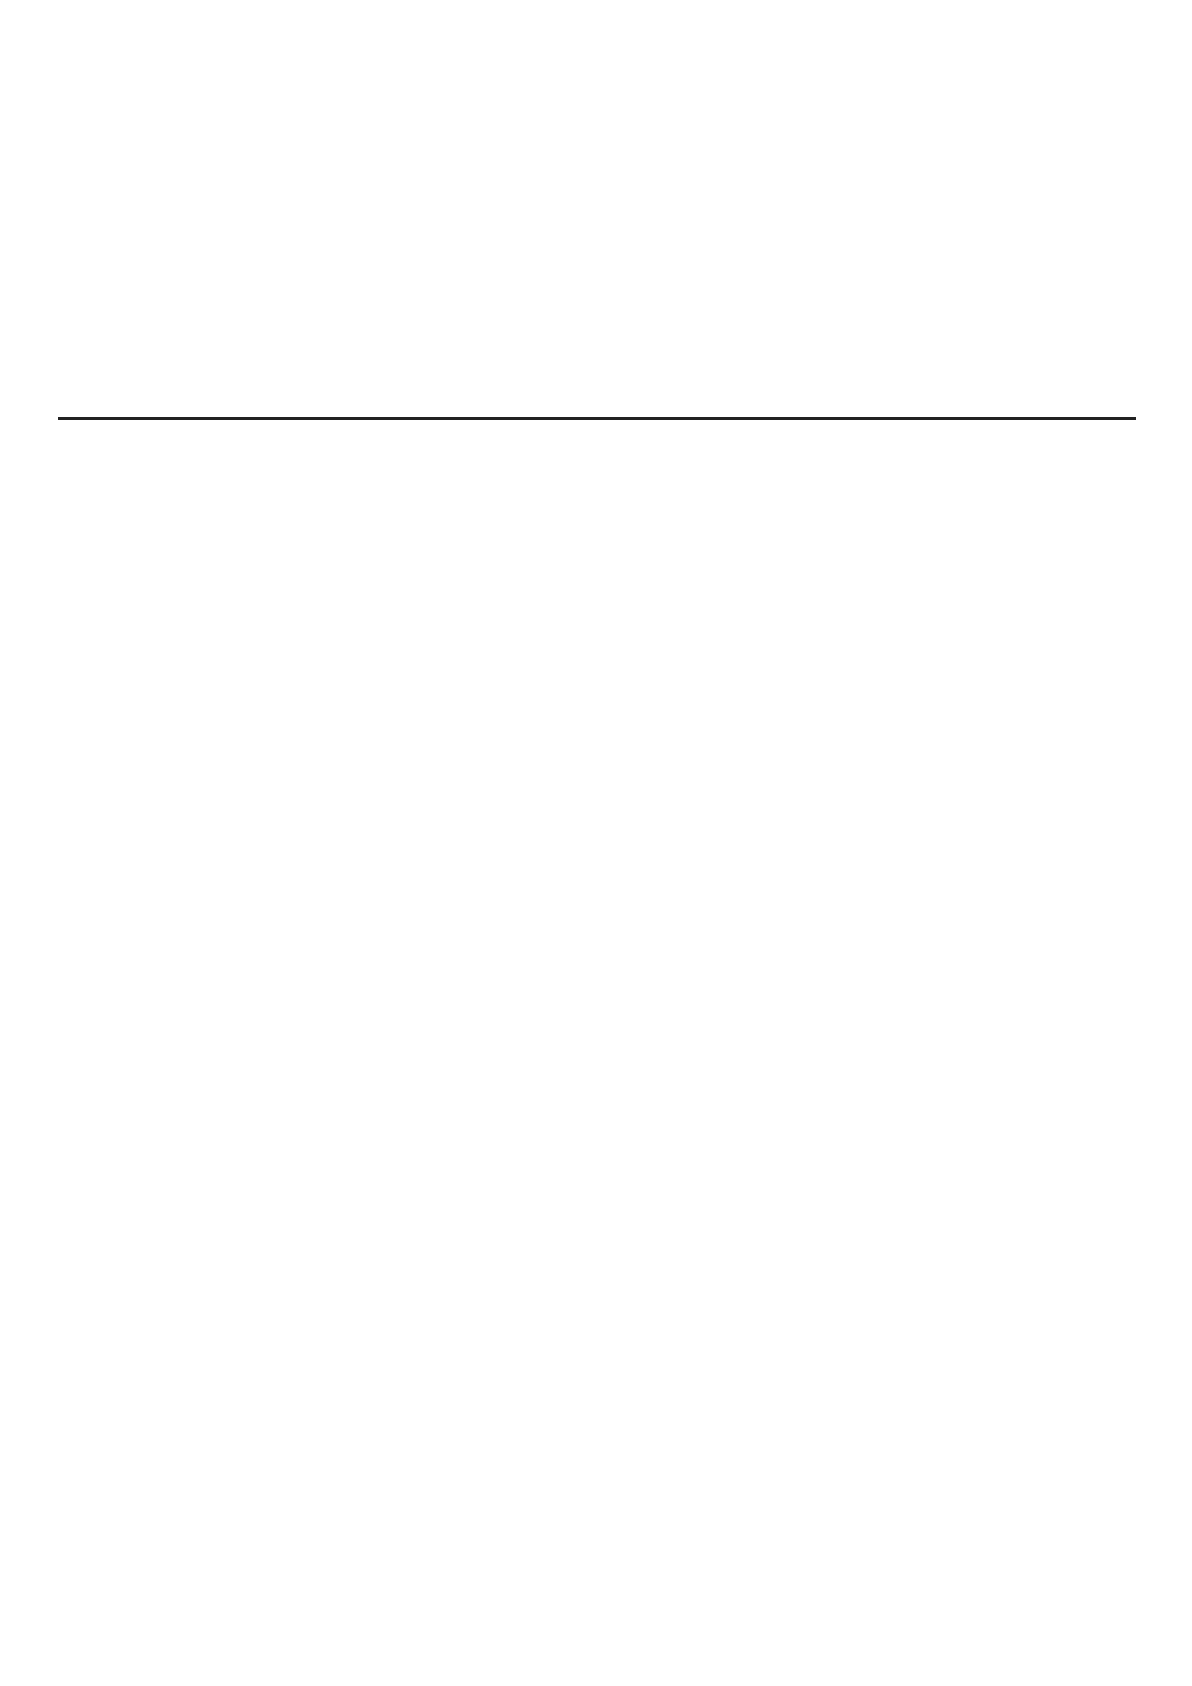 basic guitar chords pdf download